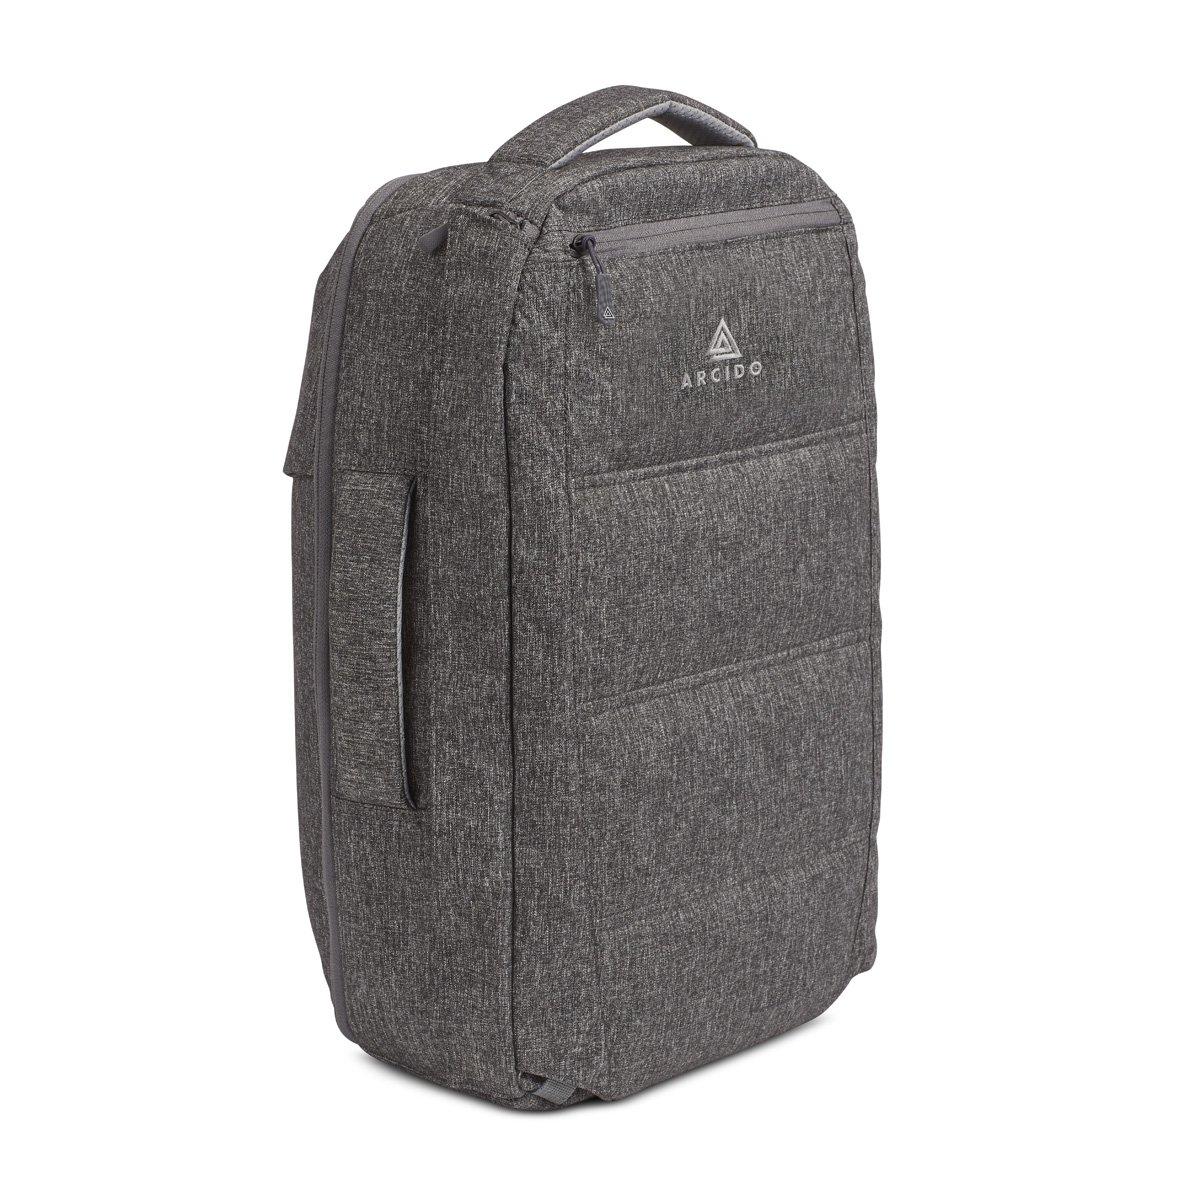 Arcido Saxon Backpack: 45 x 33 x 20 cm Equipaje de mano / mochila de viaje con compartimento para Laptop de hasta 15